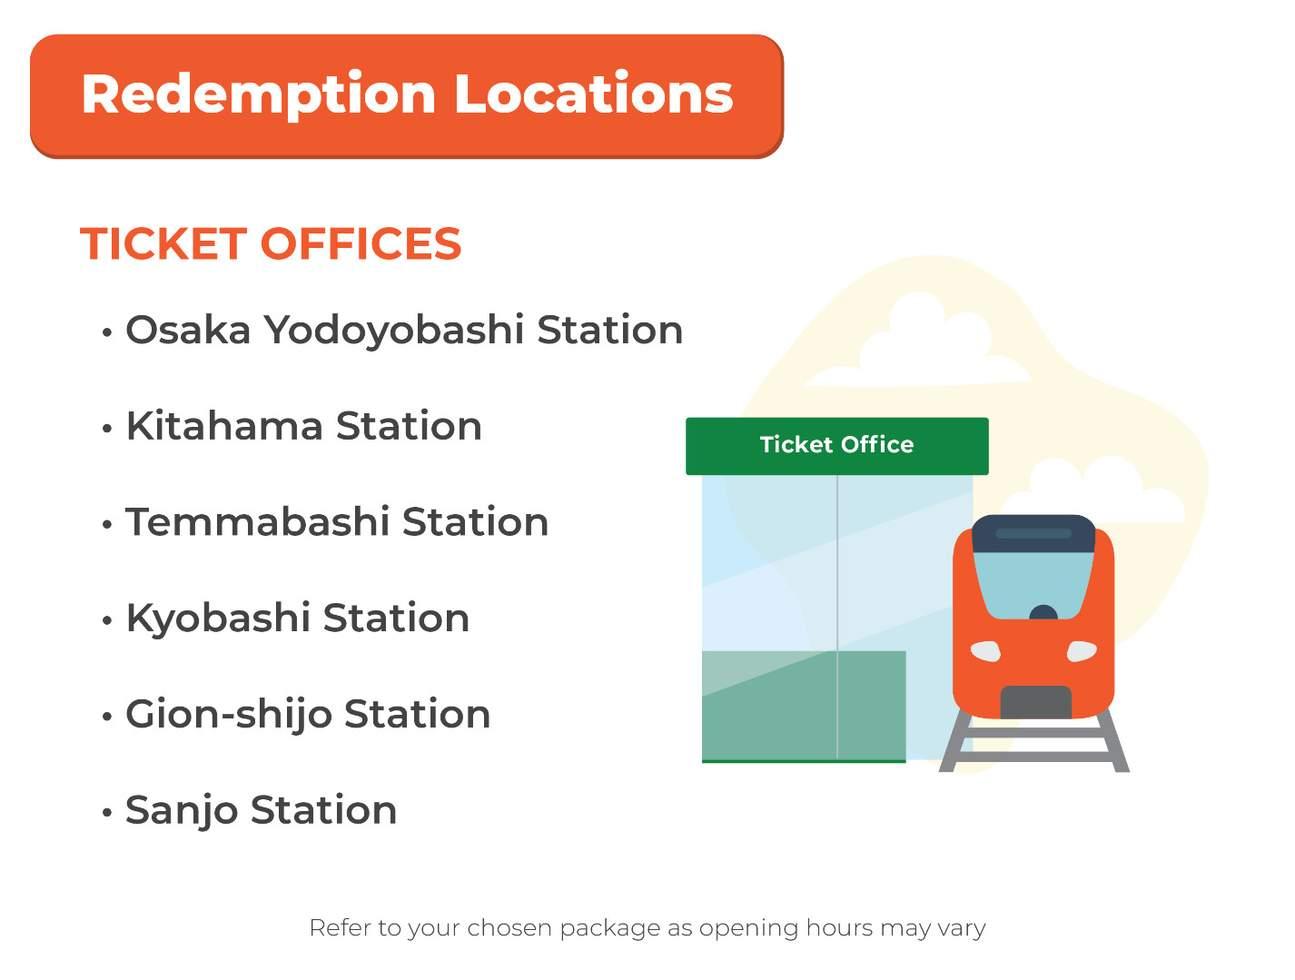 京都 大阪觀光乘車券兌換地點